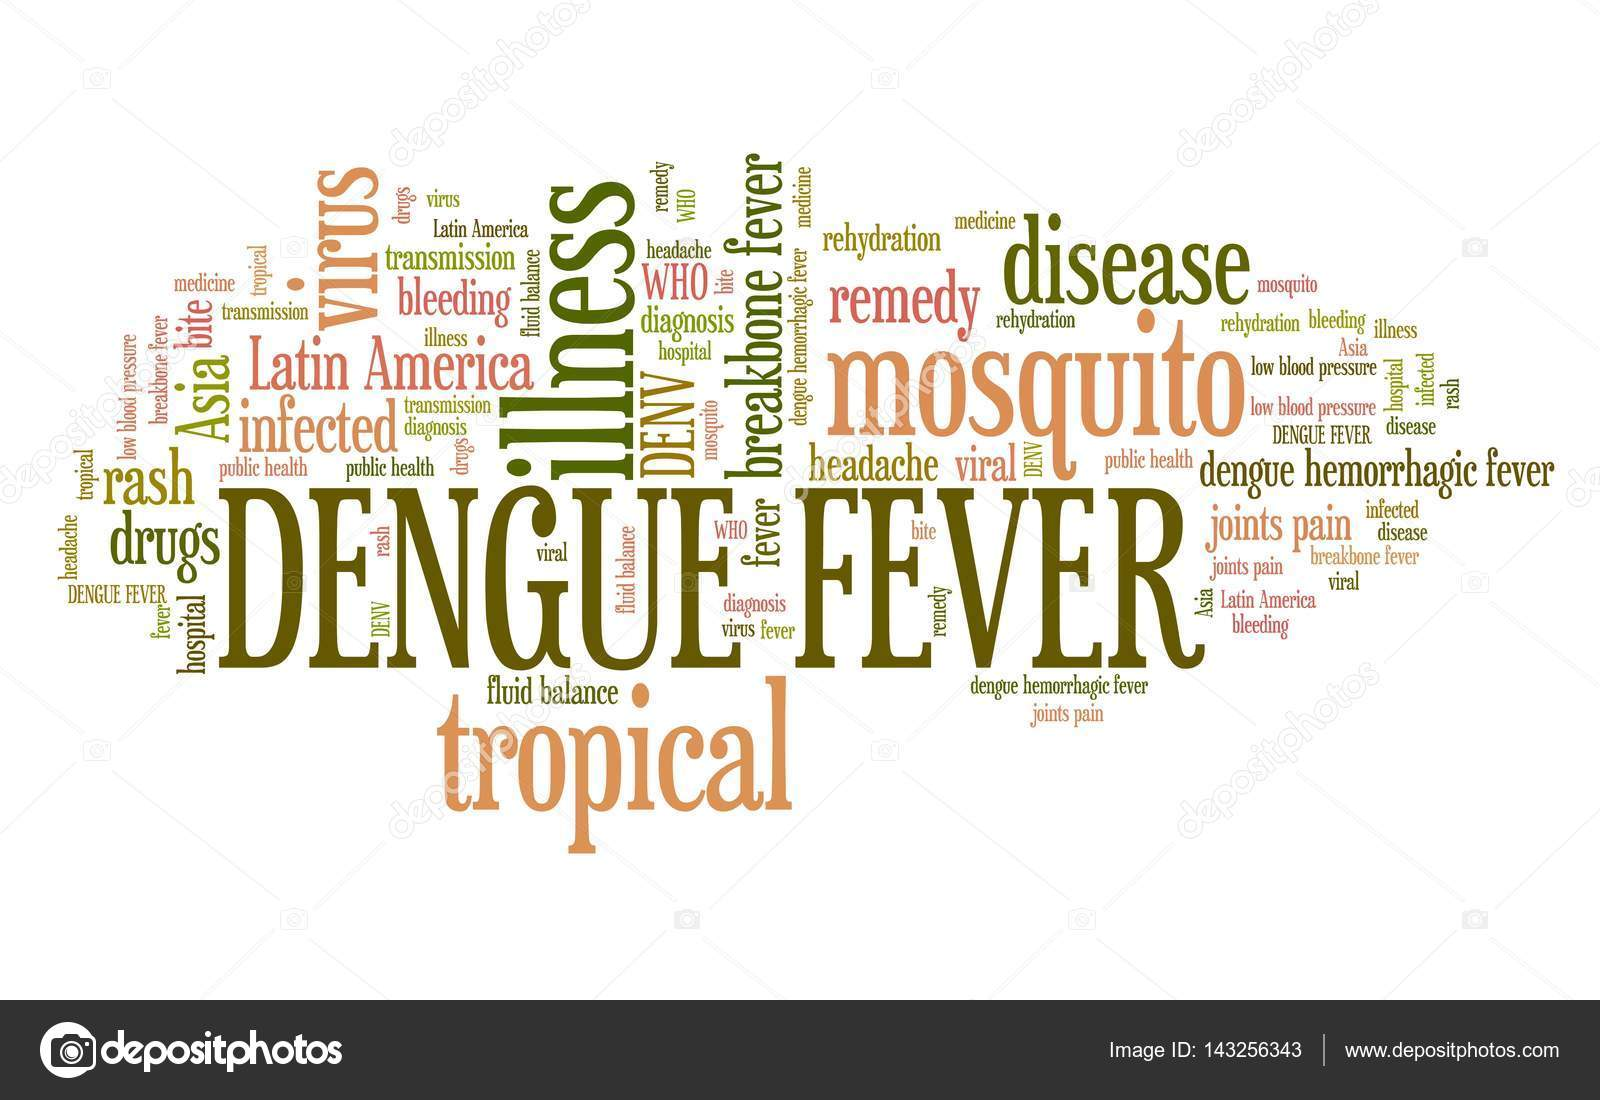 Dengue Fever Infects La Fte De >> Dengue Fever Word Cloud Stock Photo C Tupungato 143256343